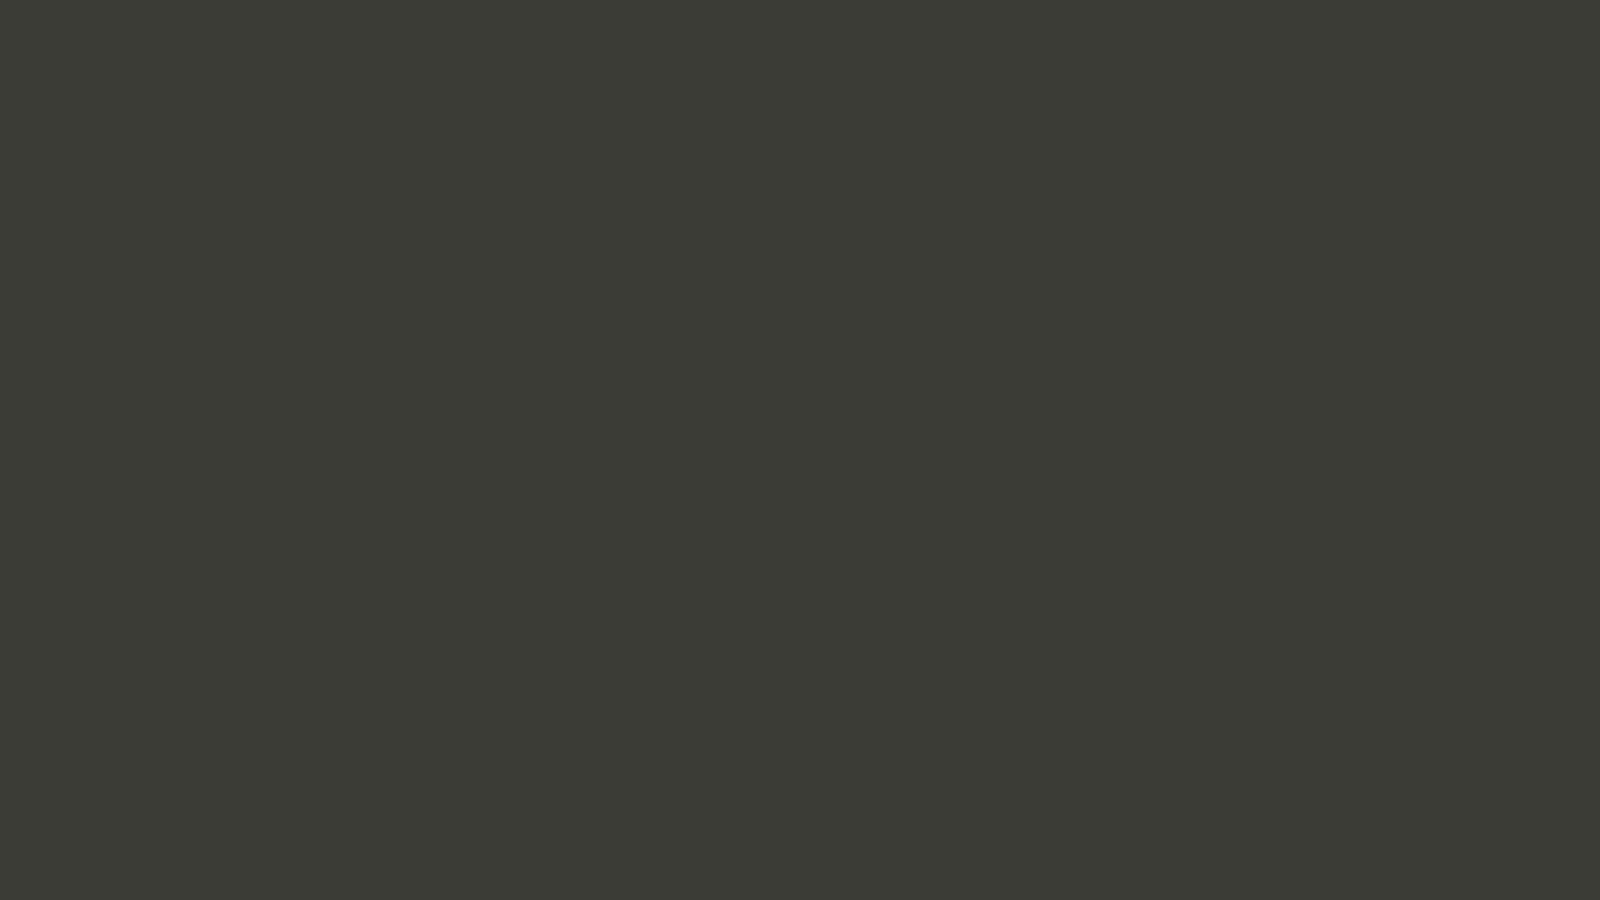 1600x900 Black Olive Solid Color Background